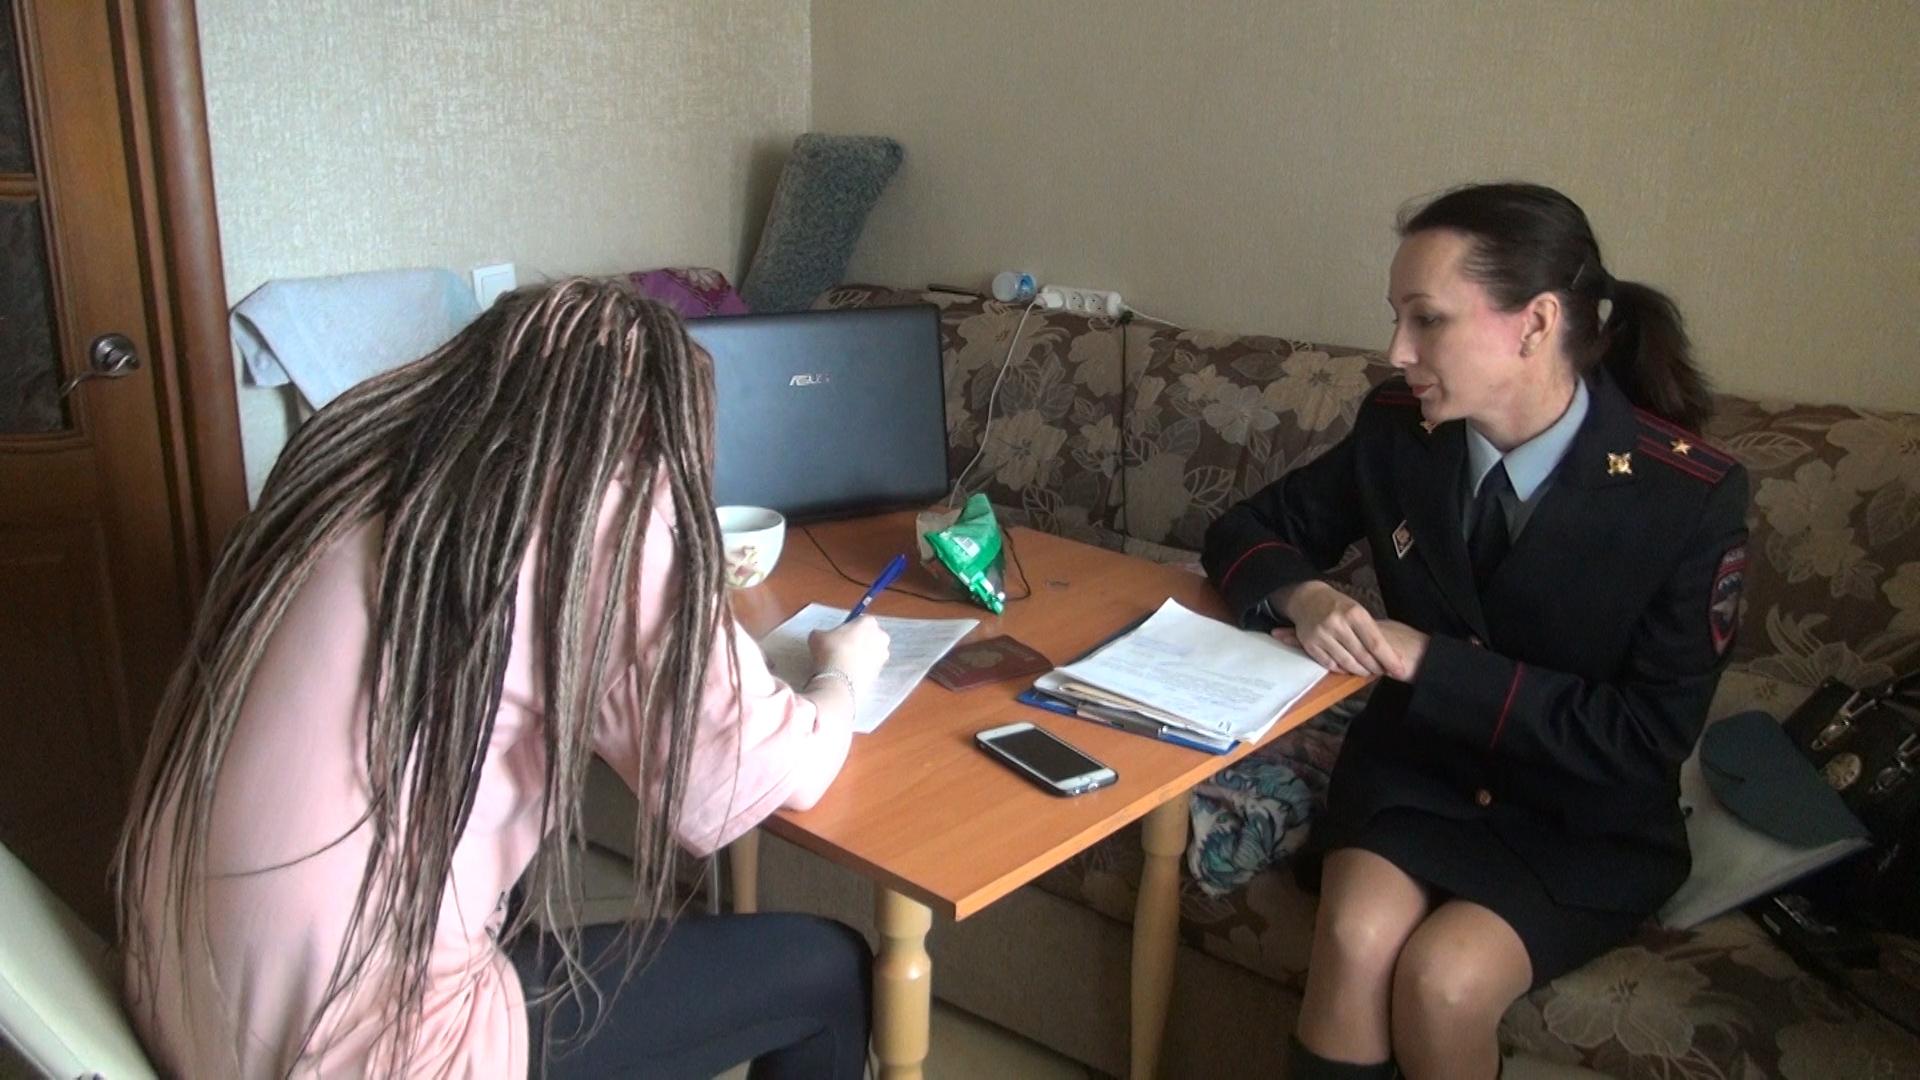 Полиция вычислила вологжанку, разместившую в соцсети фейк о 200 больных коронавирусом в Череповце